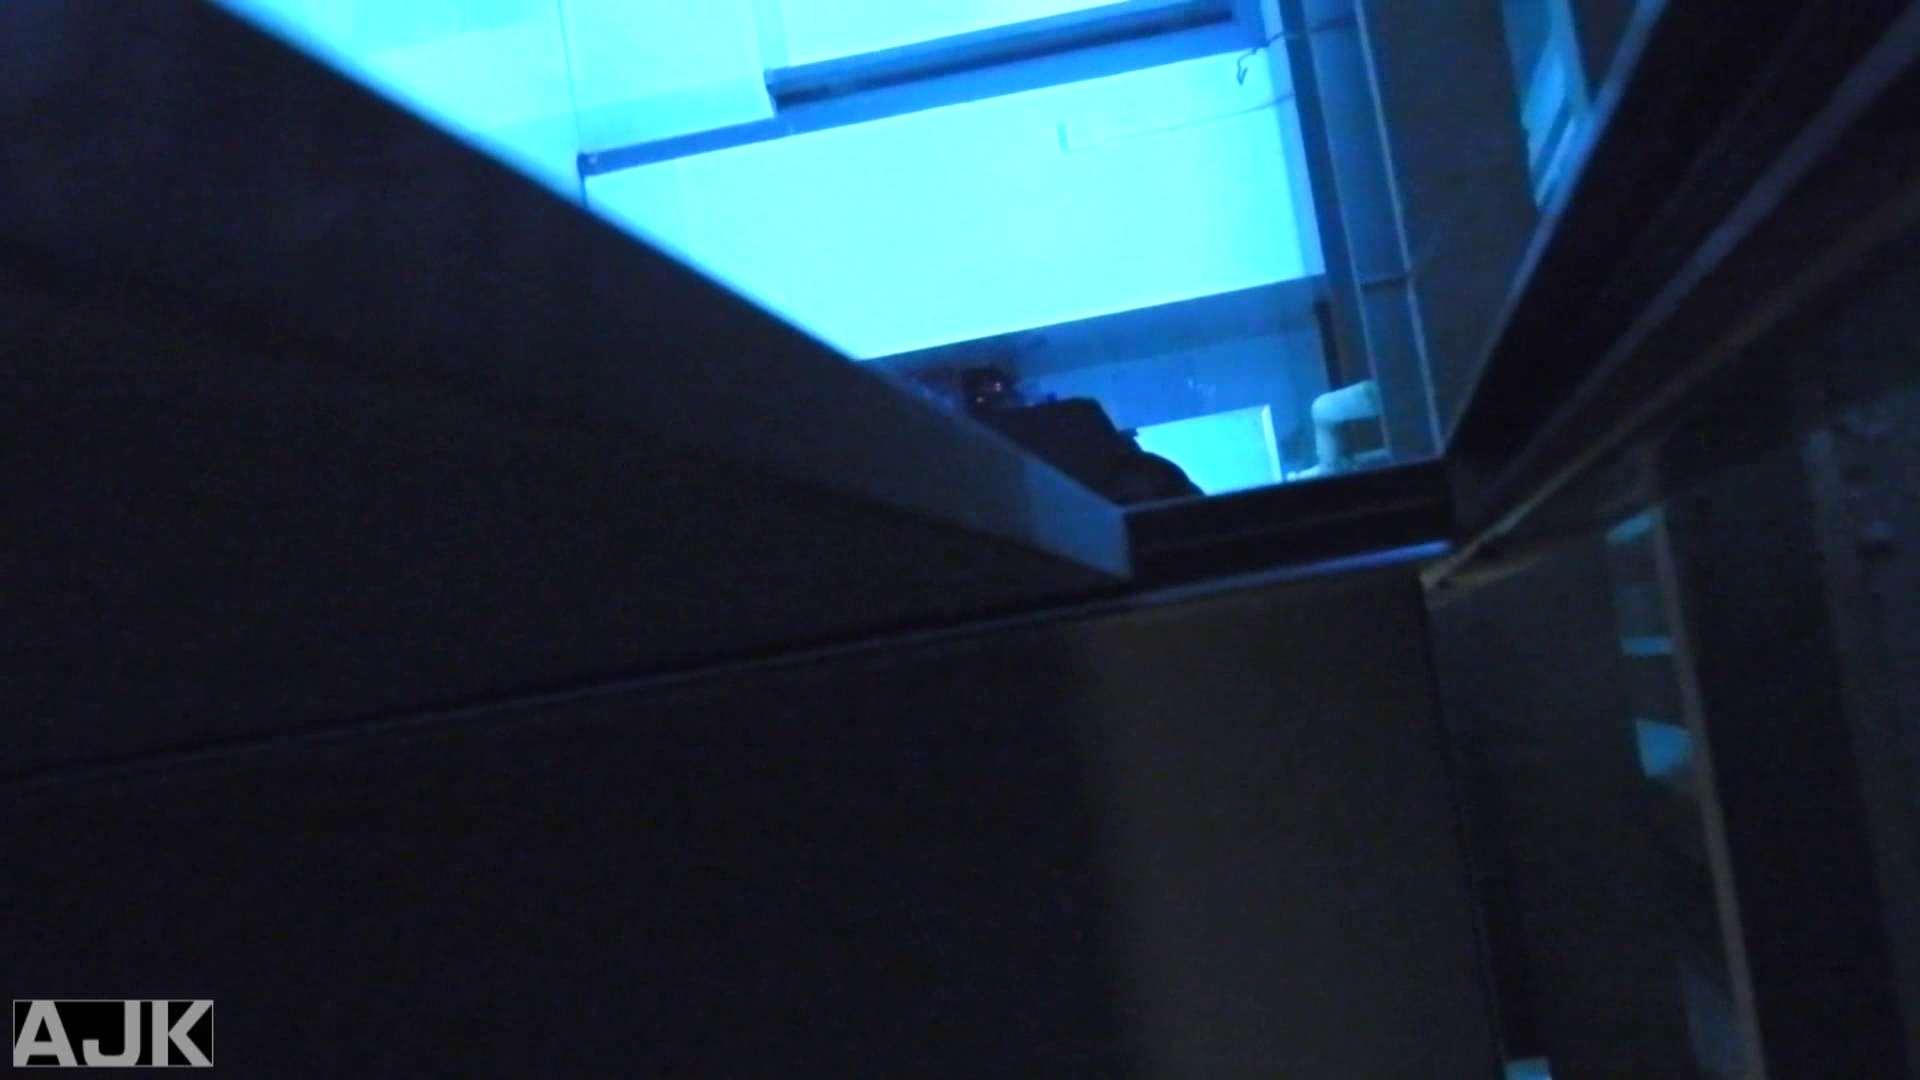 神降臨!史上最強の潜入かわや! vol.23 潜入 オマンコ無修正動画無料 75PIX 69